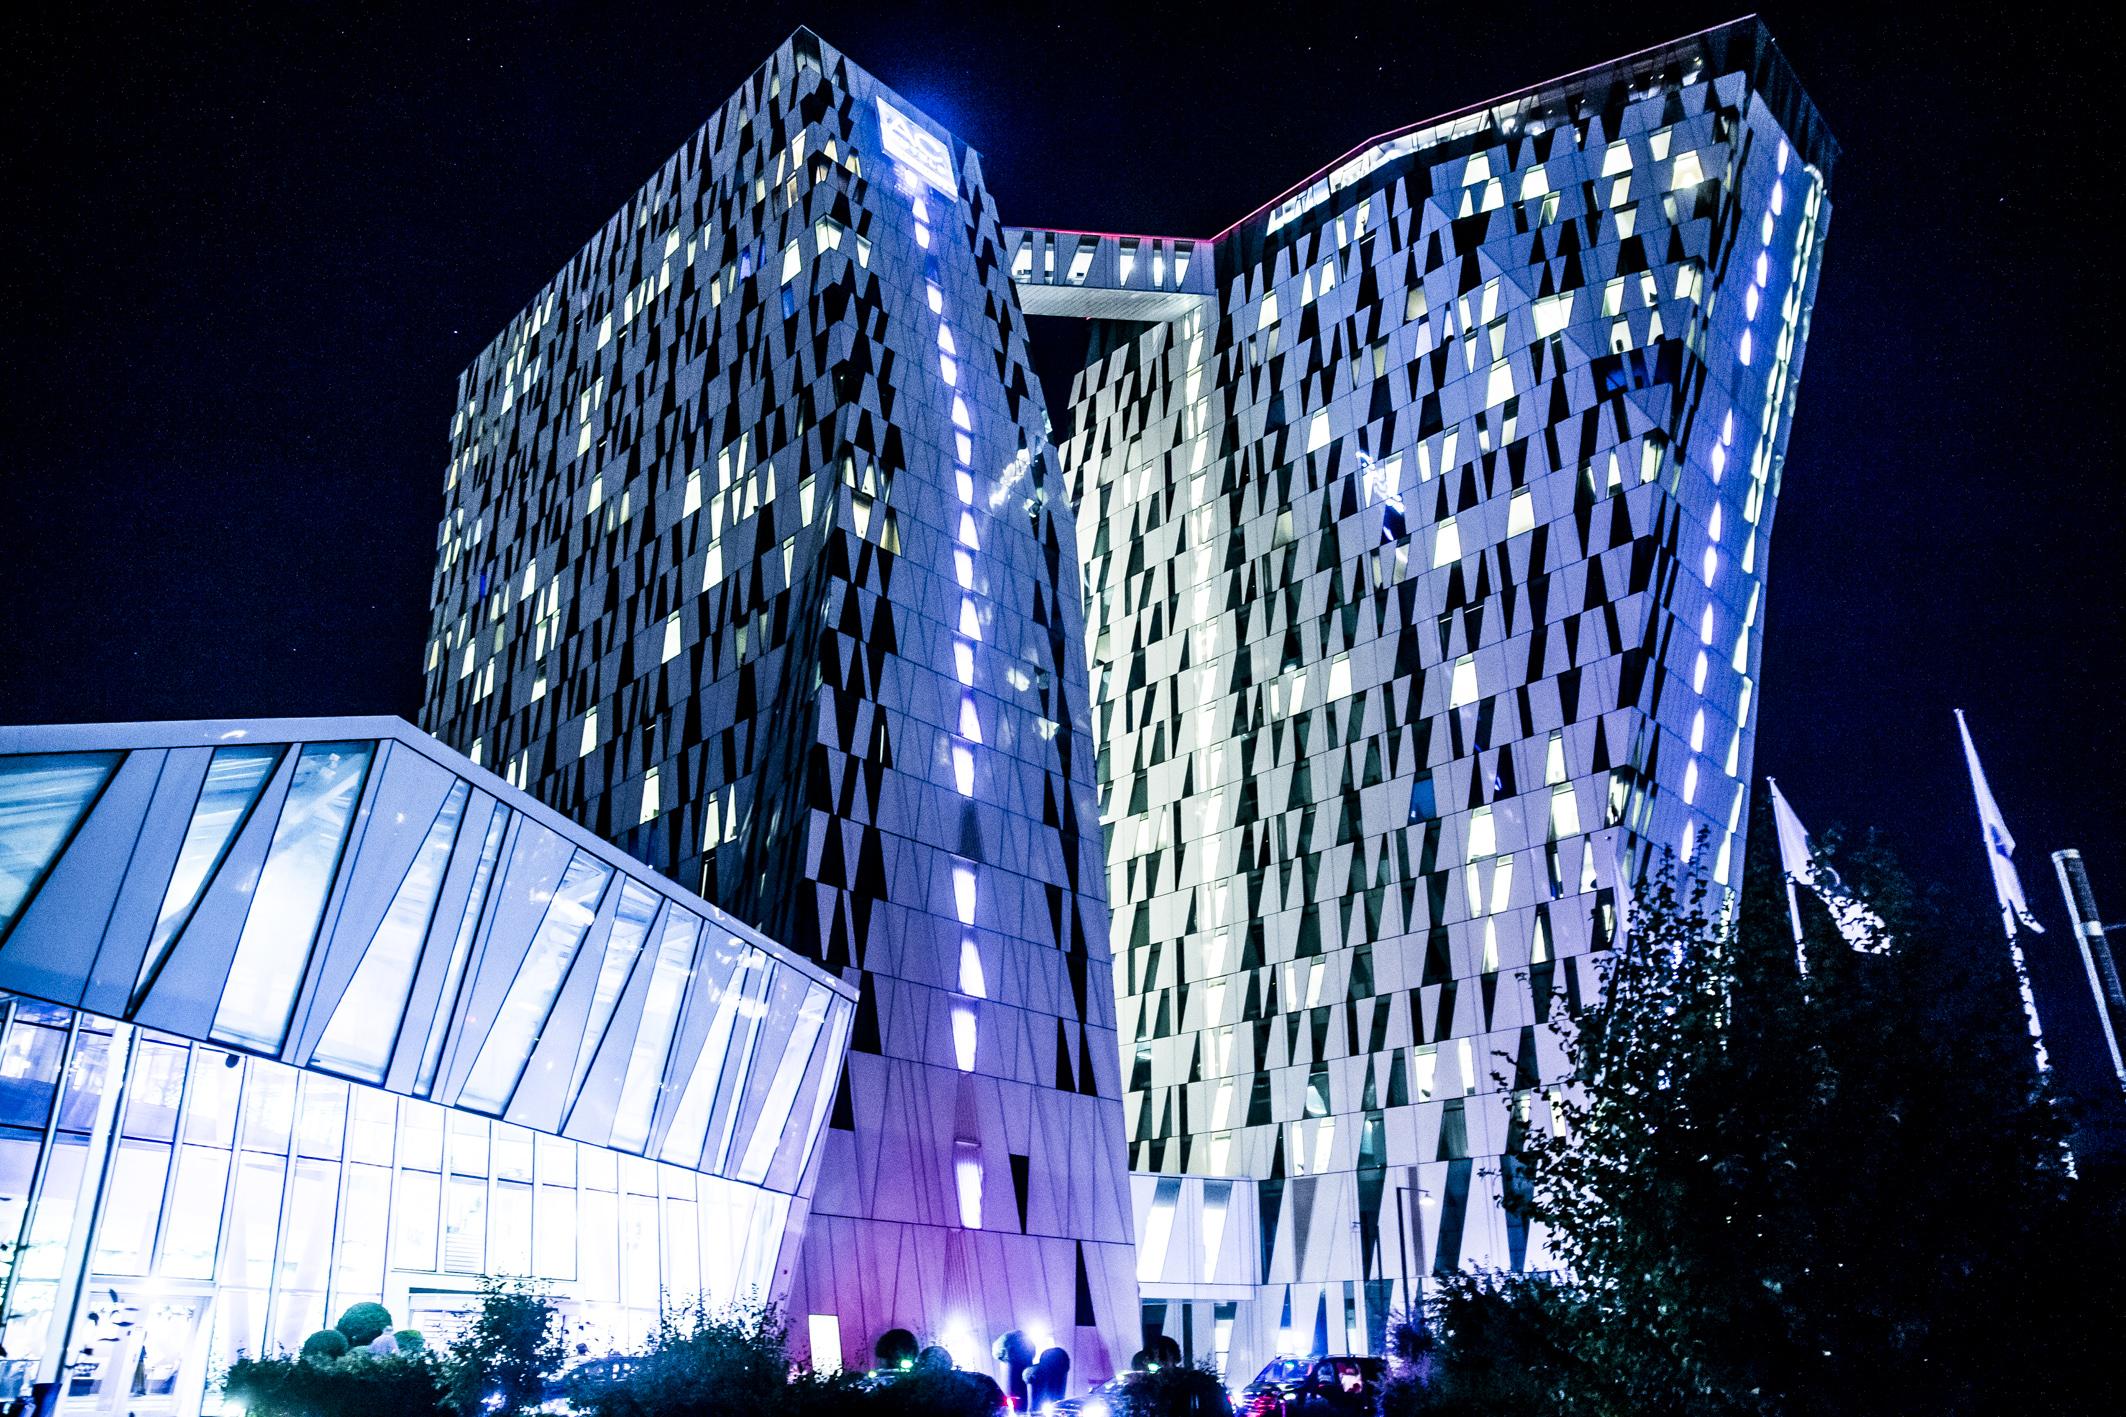 Ny analyse fra Horesta stiller skarpt på den danske hotelbranche. Landets største hotel er i dag AC Hotel Bella Sky Copenhagen ved Bella Center med 811 værelser. Praleretten overtages her i årets første kvartal af CabInn Copenhagen når hotellet har taget alle sine 1.202 værelser i brug. Foto: Michael Stub.